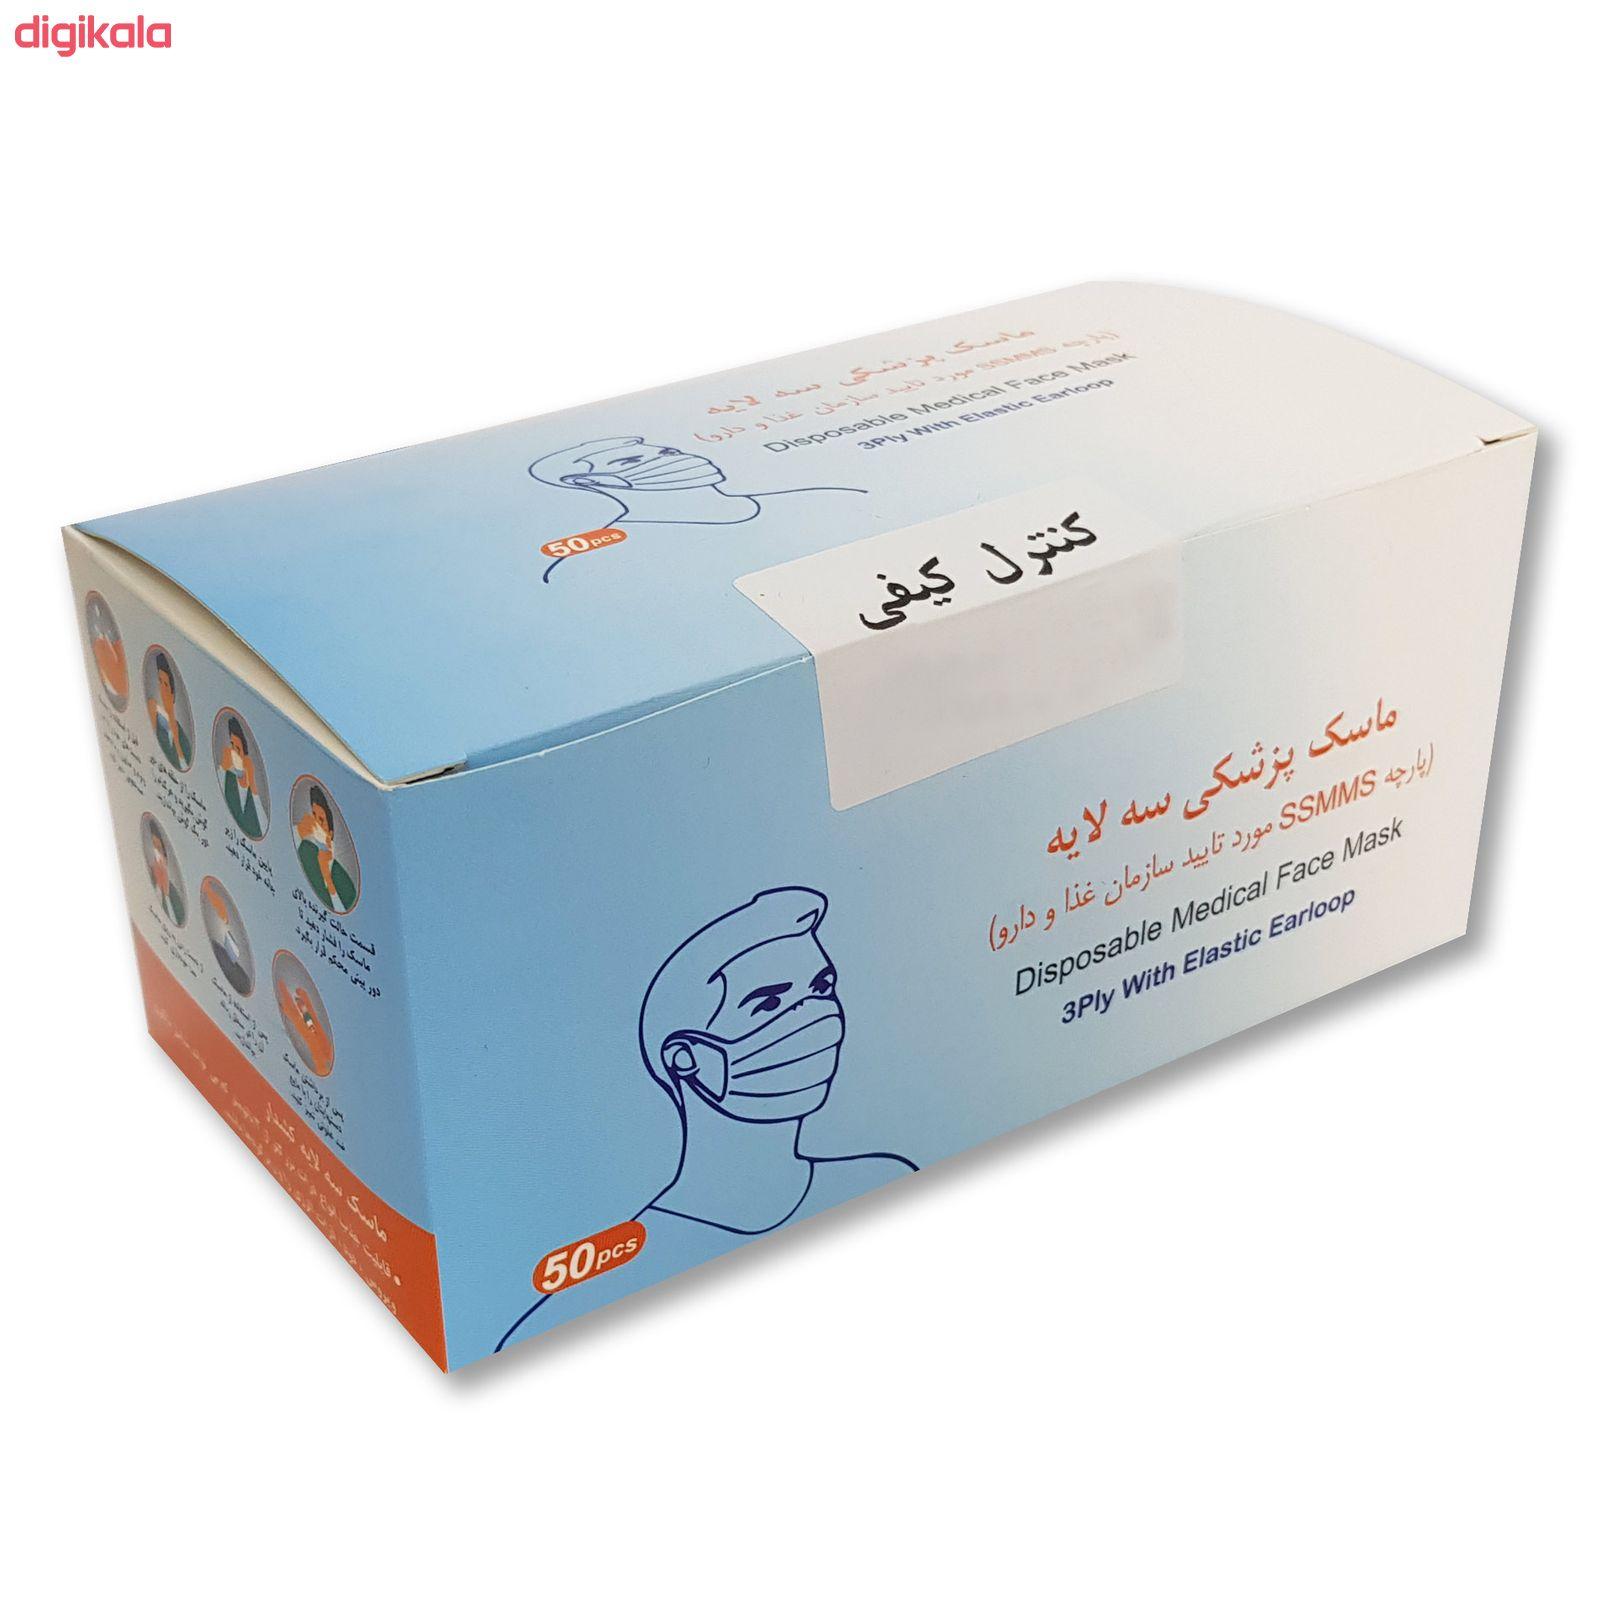 ماسک تنفسی مدل SSMMS بسته 50 عددی main 1 4